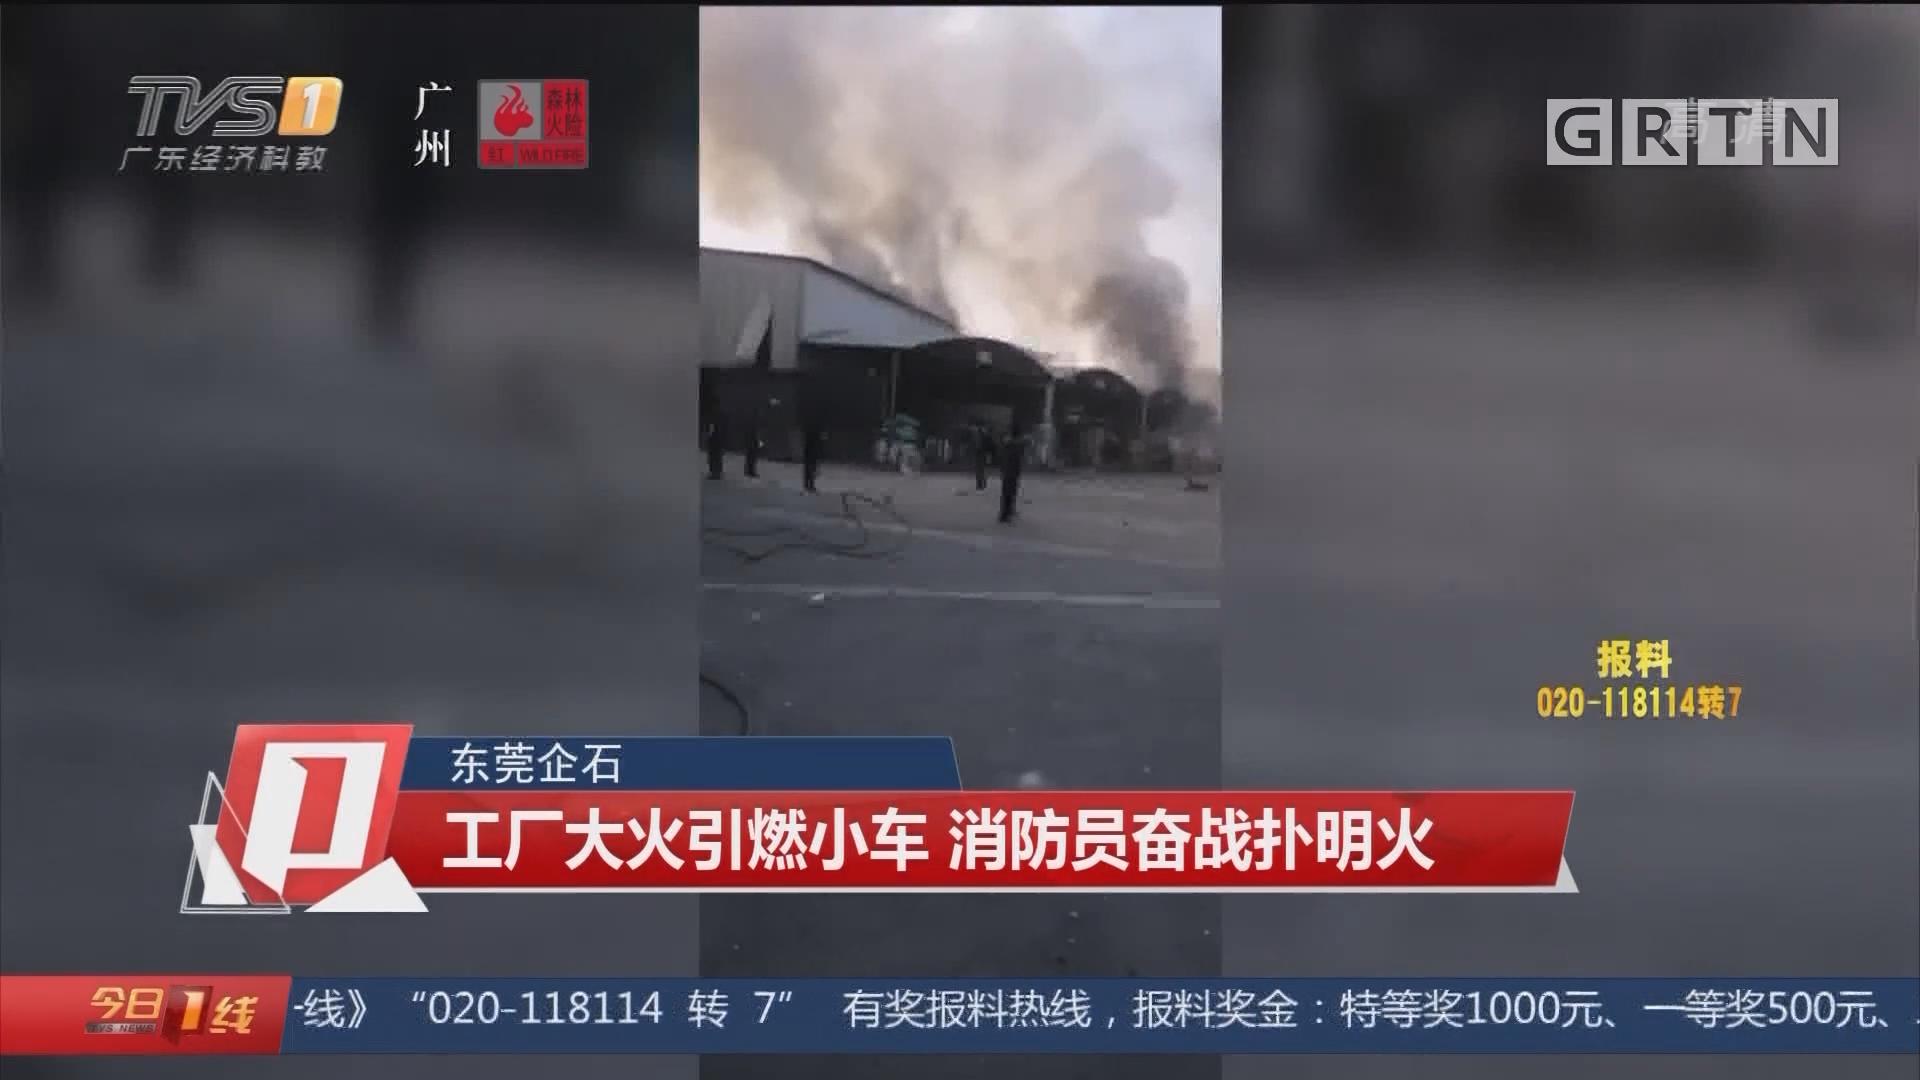 东莞企石 工厂大火引燃小车 消防员奋战扑明火